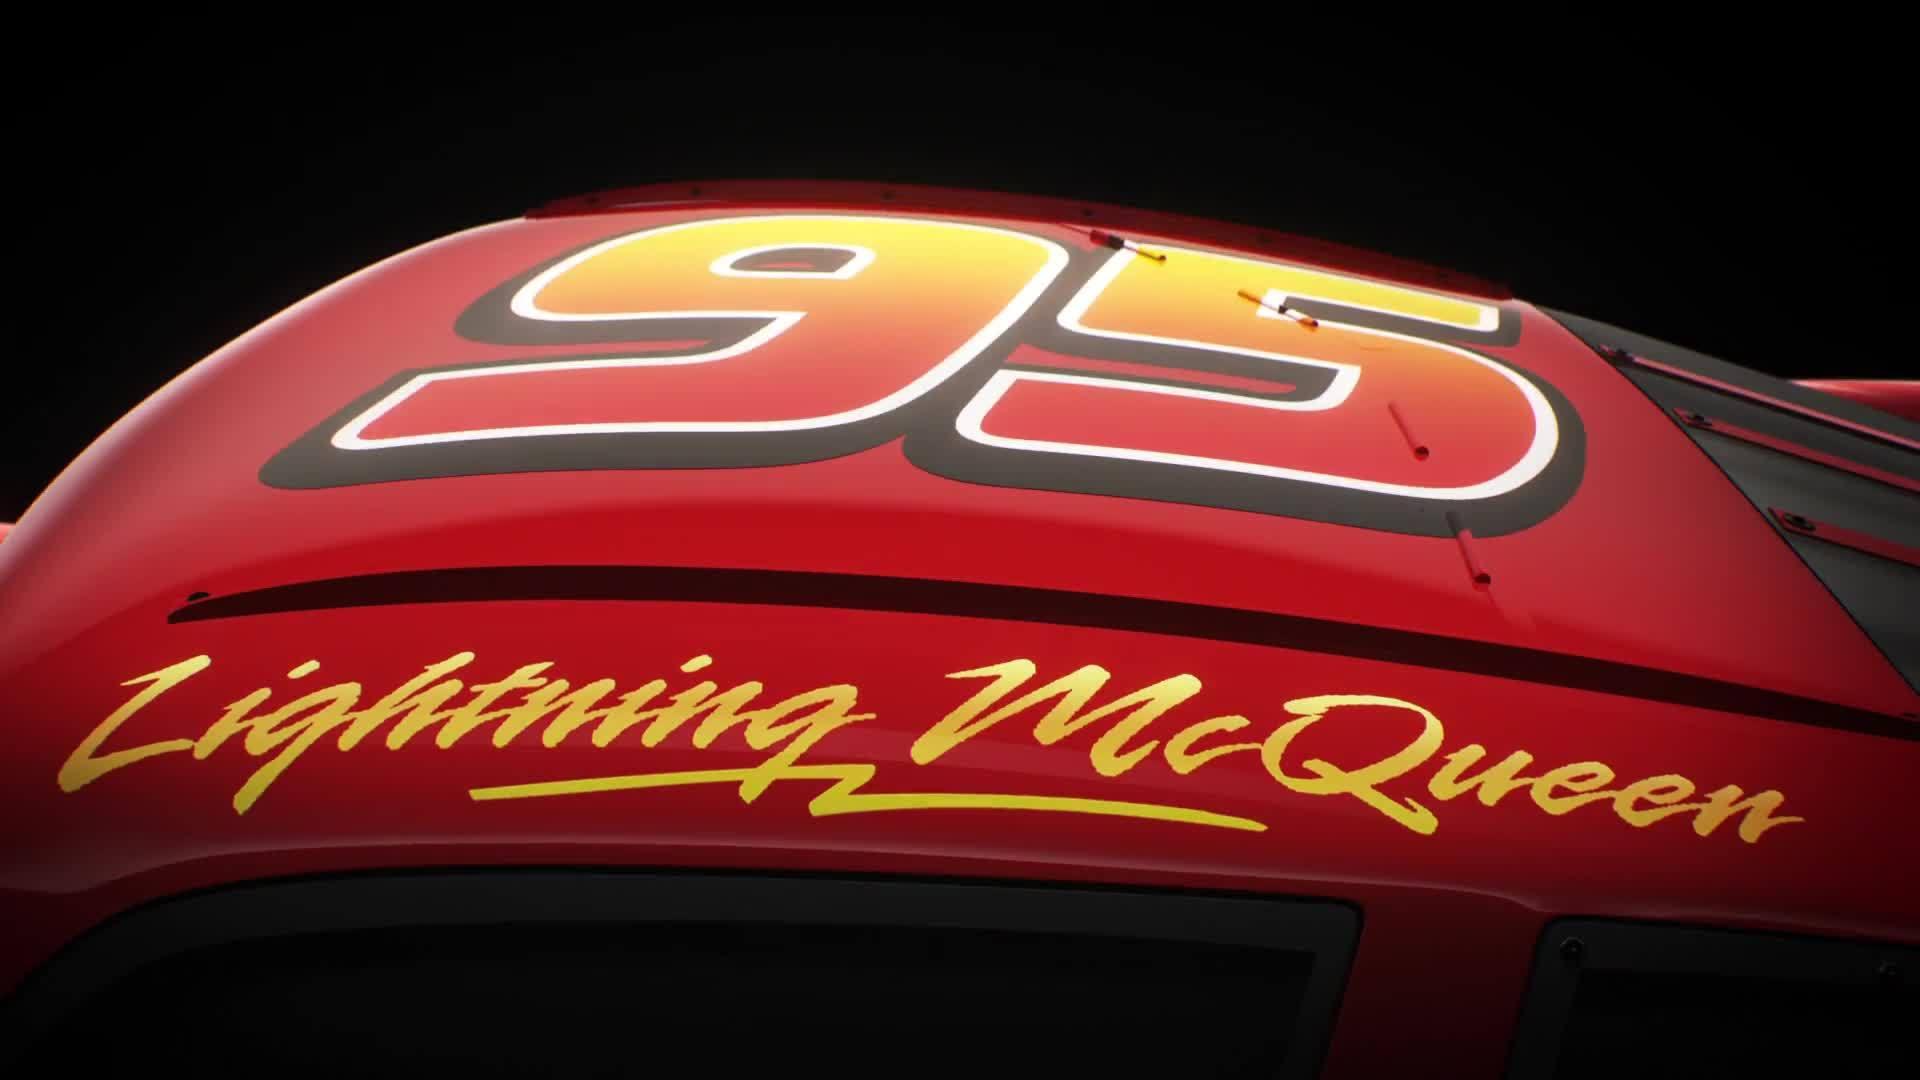 lighting mcqueen logos